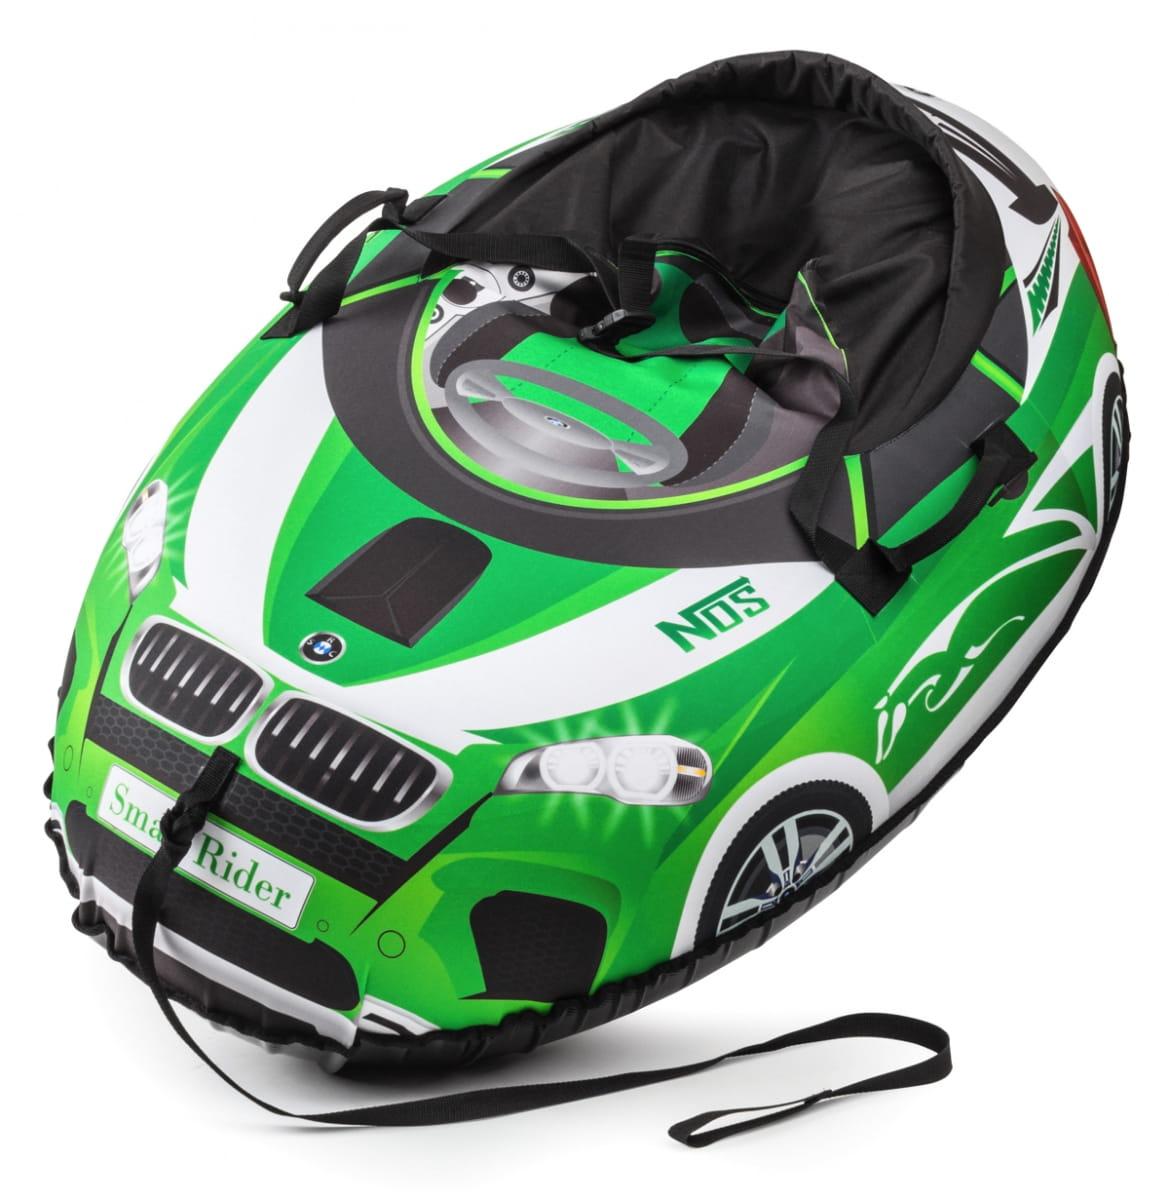 Надувные санки-тюбинг Small Rider 332136 Snow Cars 2 - зеленые